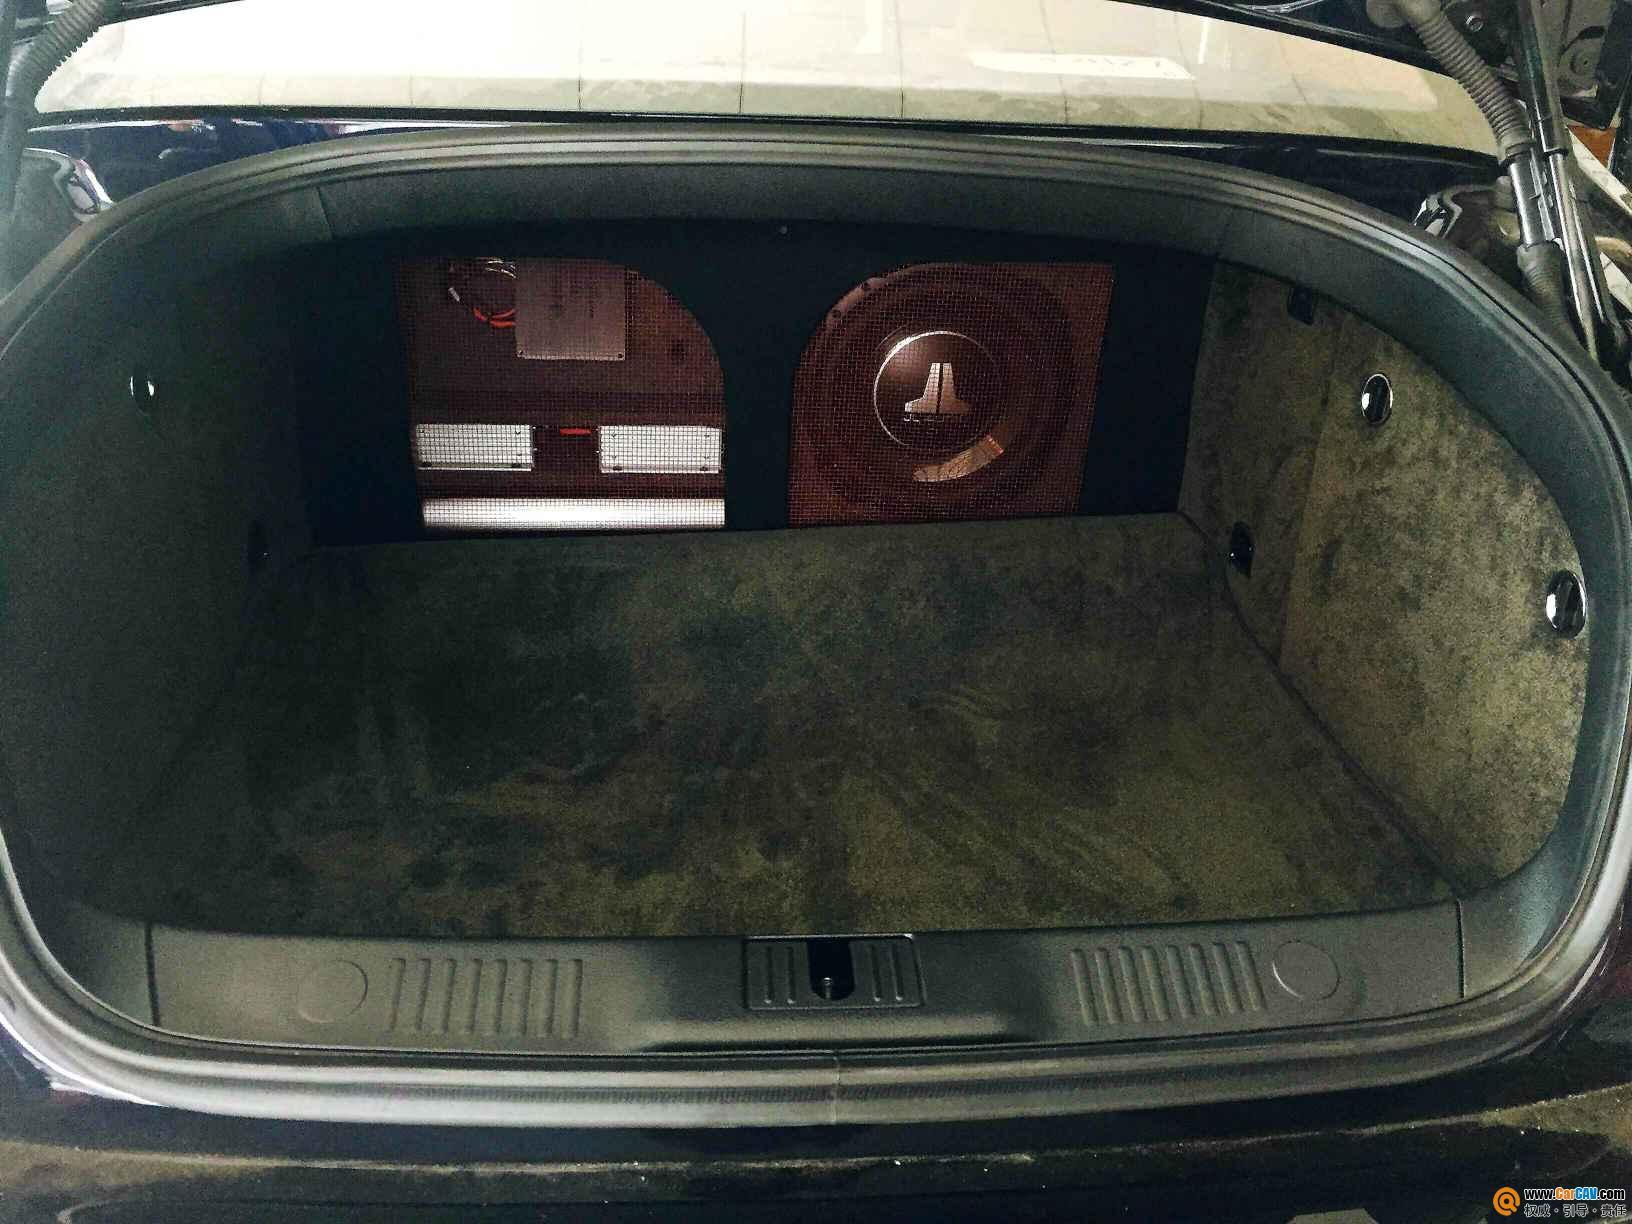 佛山途歌宾利飞驰汽车音响改装劲浪 理智的 疯狂 选择高清图片